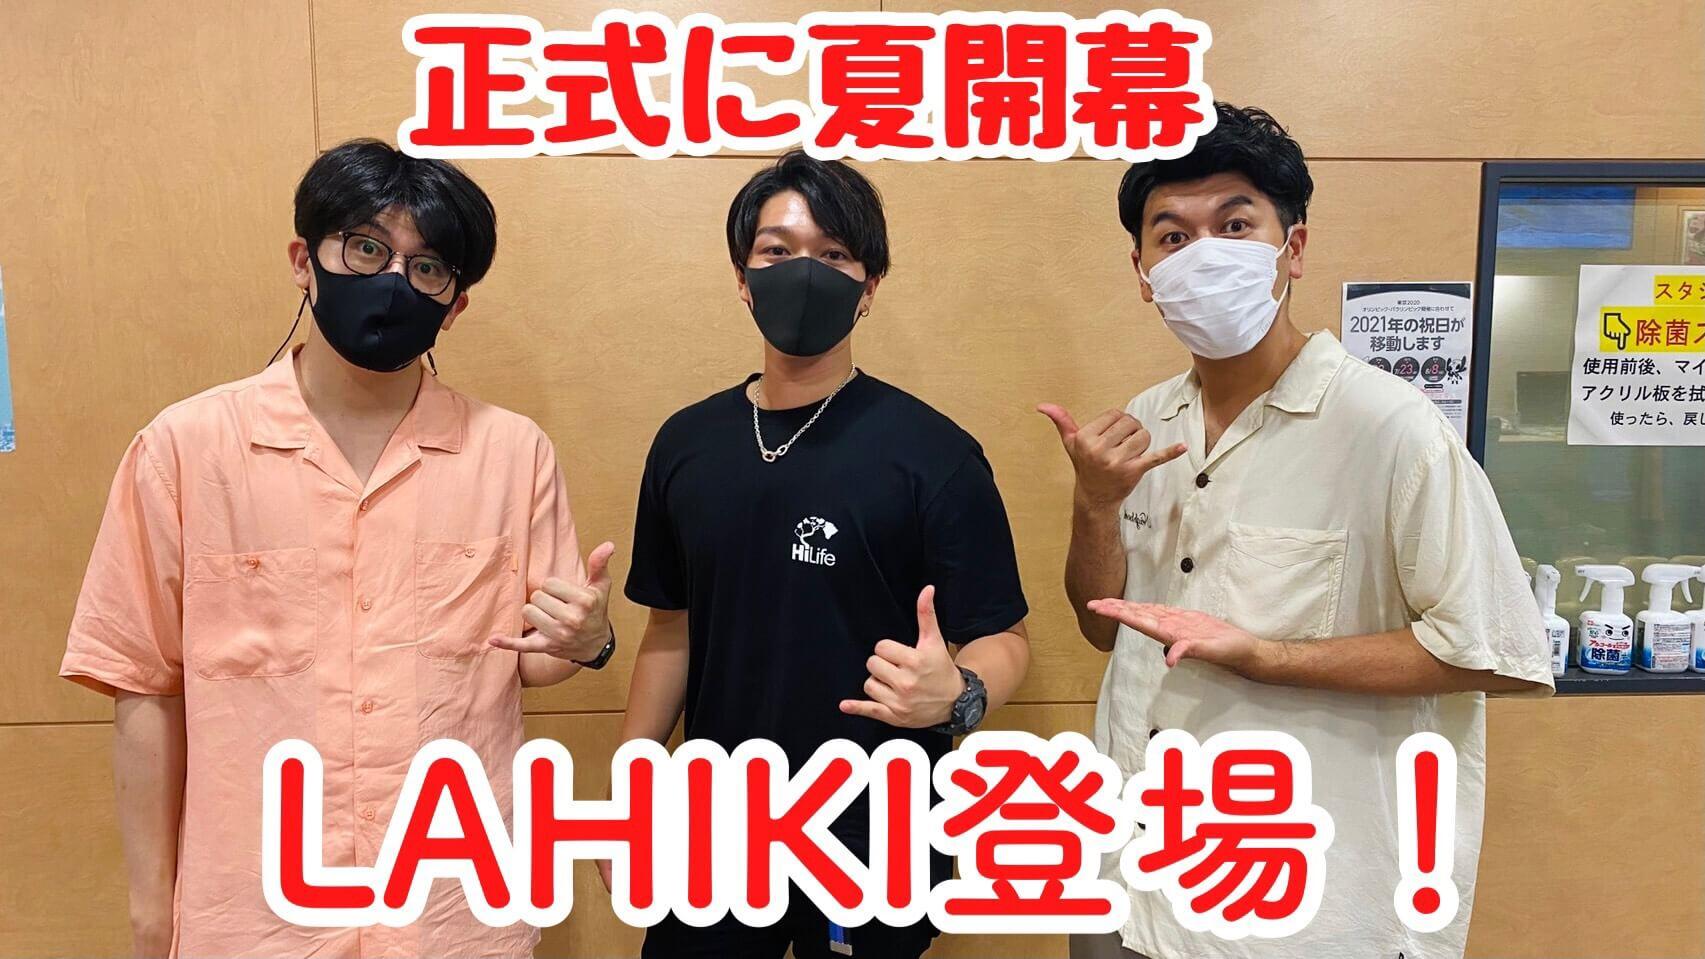 夏開幕アロハ!!! LAHIKI登場!